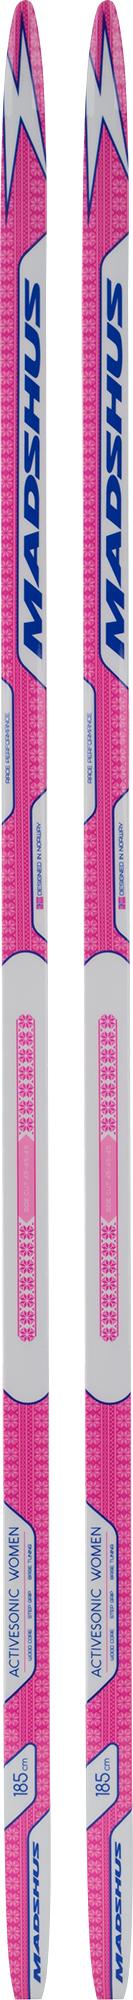 Madshus Беговые лыжи женские Madshus Activesonic лыжи беговые tisa top universal с креплением цвет желтый белый черный рост 182 см